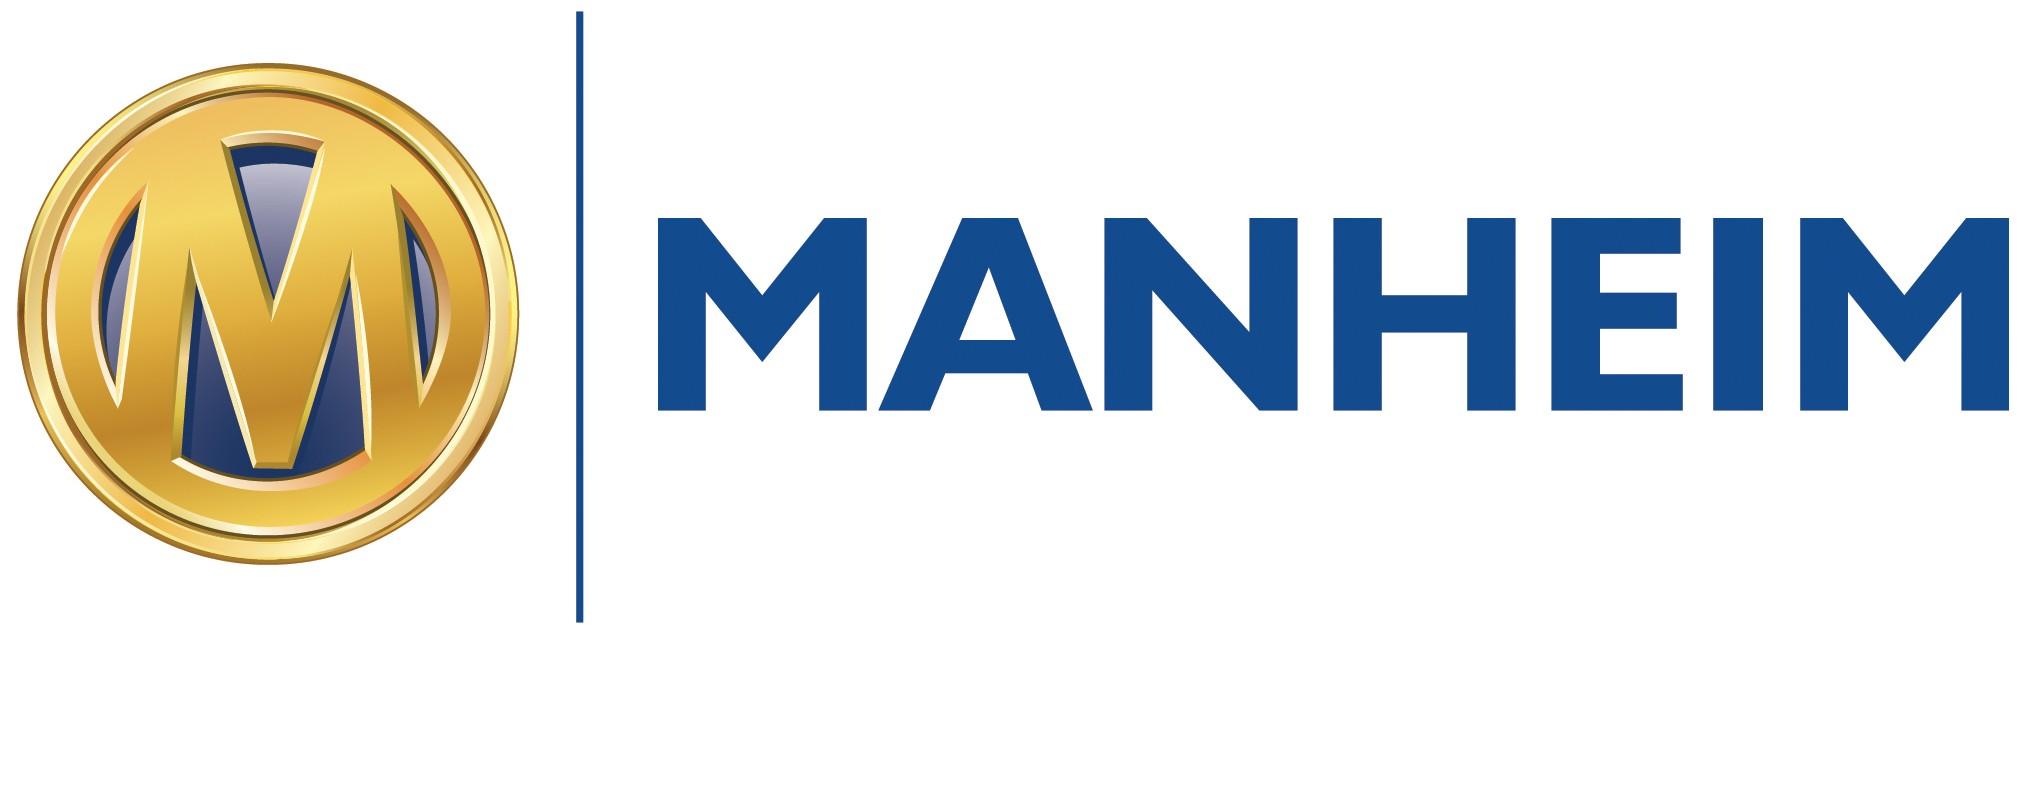 Manheim Logos.